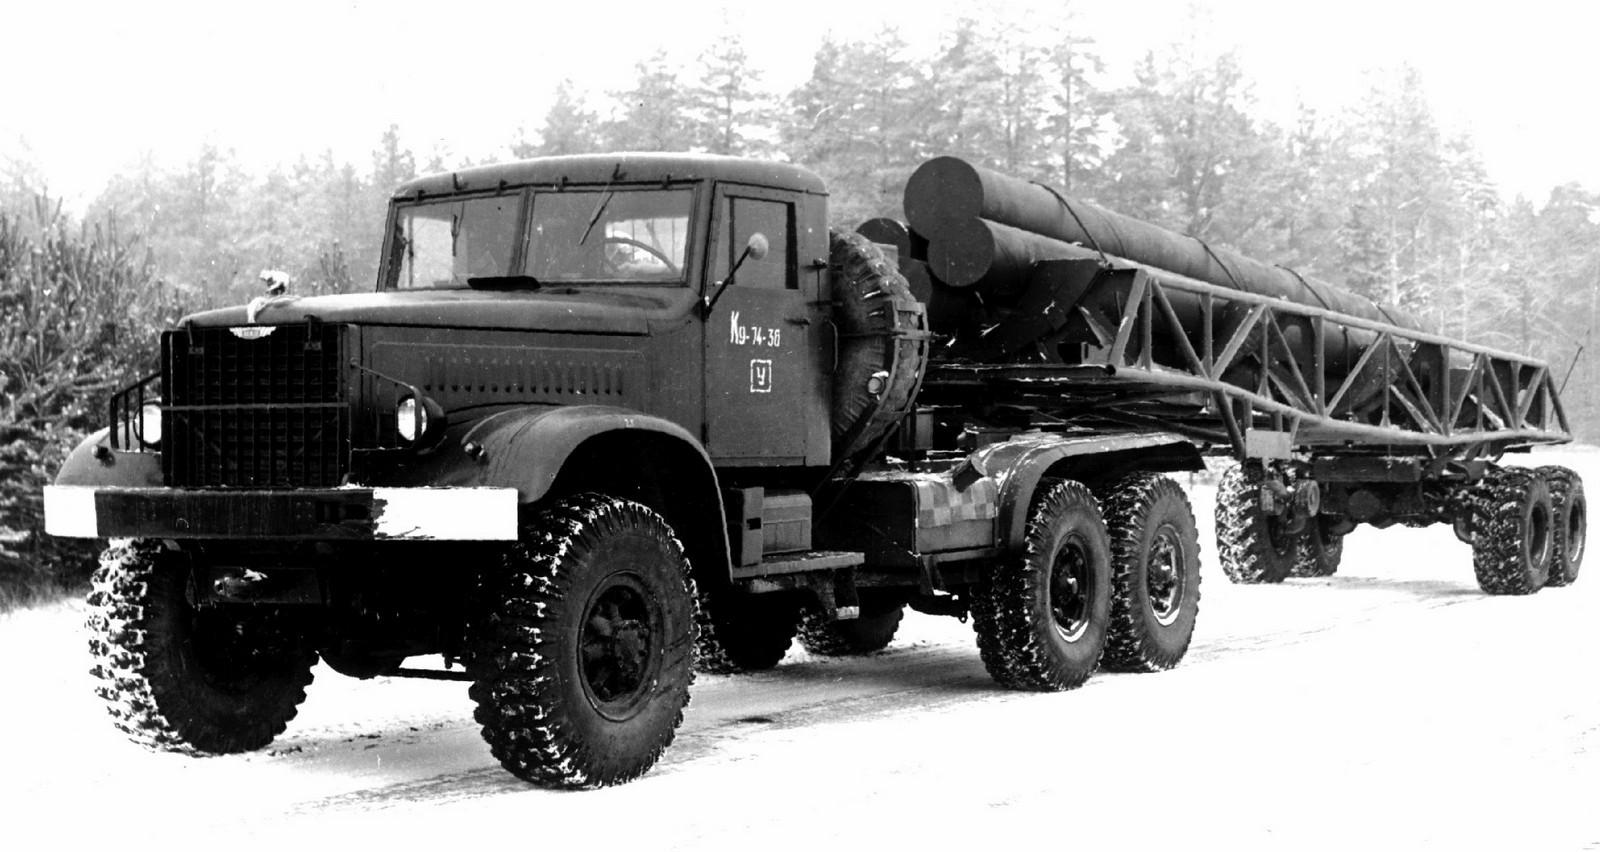 Опытный автопоезд КТ-214-40П с трубчатыми имитаторами длинномерных ракет (из архива НИИЦ АТ)